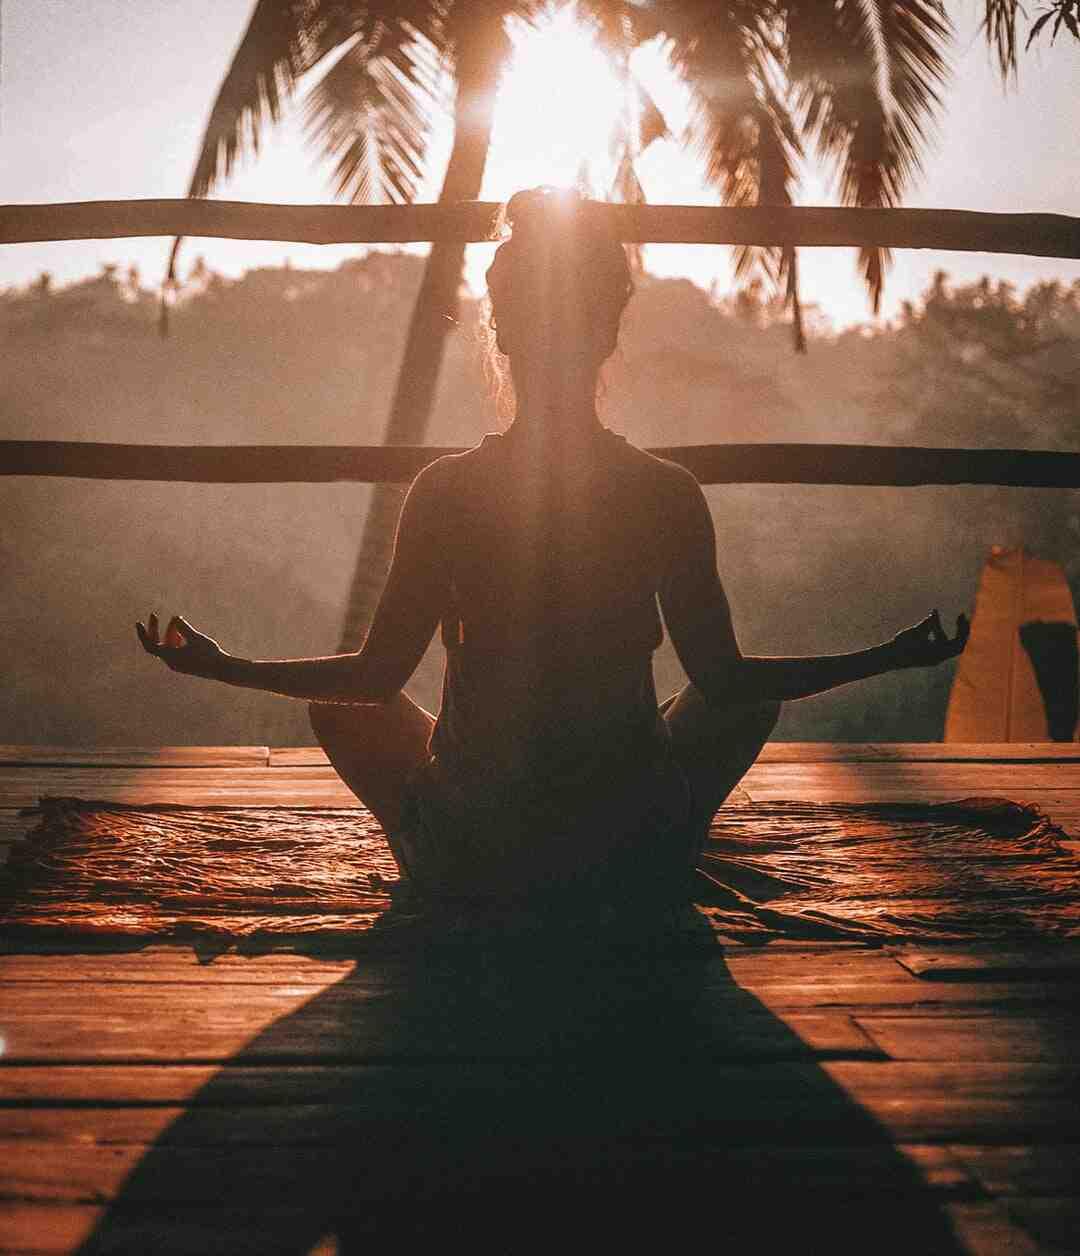 Pourquoi ne pas manger avant le yoga ?